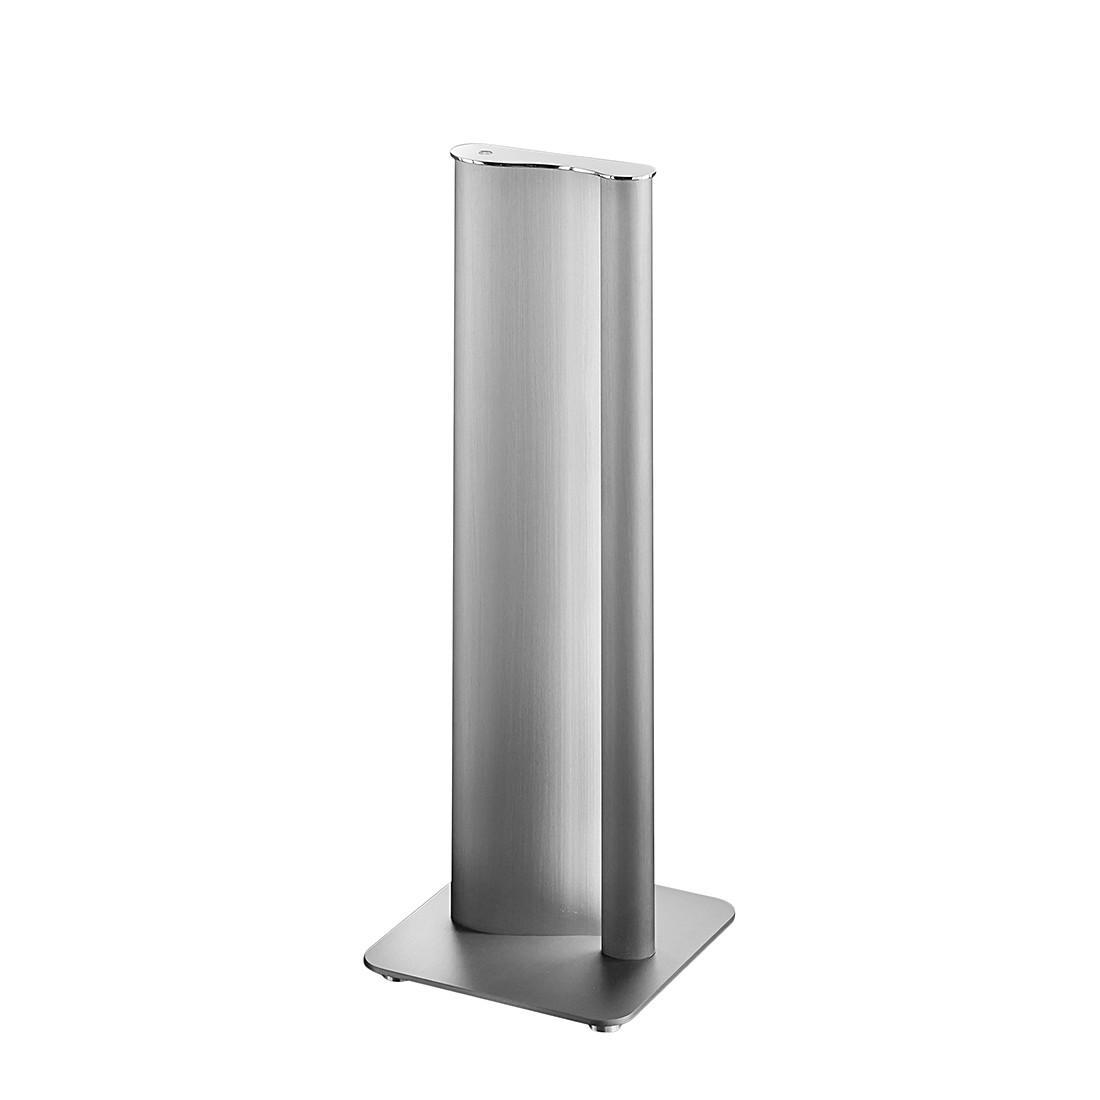 EEK A+, Tischleuchte KURVO – Metall/Kunststoff – Silber, Helestra online bestellen